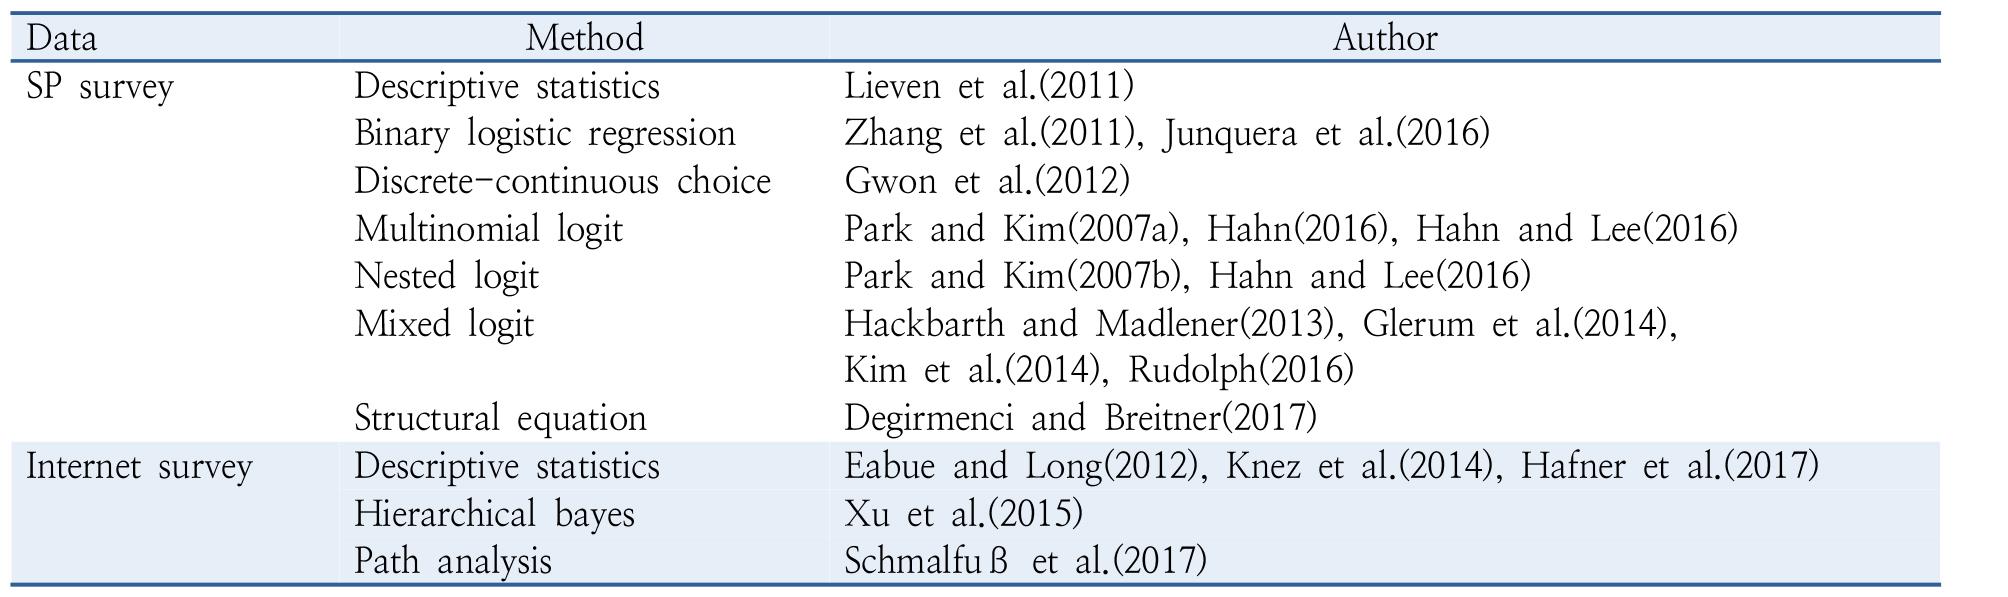 http://static.apub.kr/journalsite/sites/kst/2018-036-02/N0210360205/images/kst_36_02_05_T1.jpg